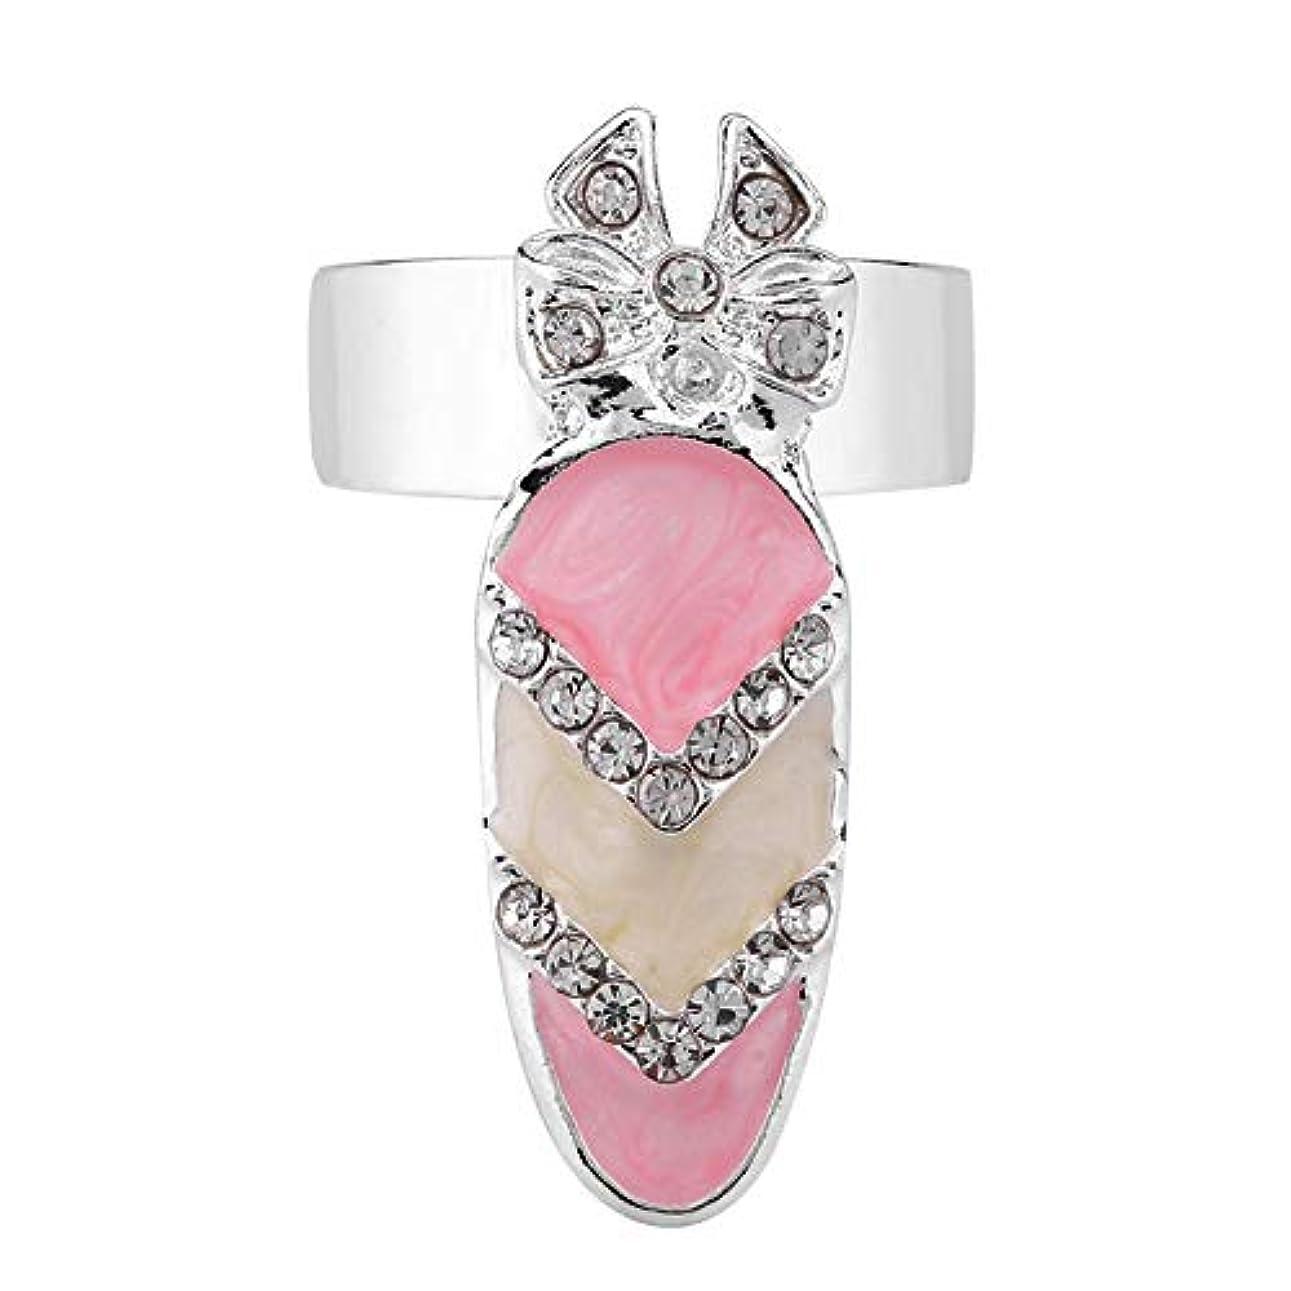 習熟度賞ローブSemmeちょう結びのナックルの釘のリング、指の釘の指輪6種類のちょう結びの水晶指の釘の芸術のリングの女性の贅沢な指の釘のリングの方法ちょう結びの釘の釘のリングの装飾(5#)